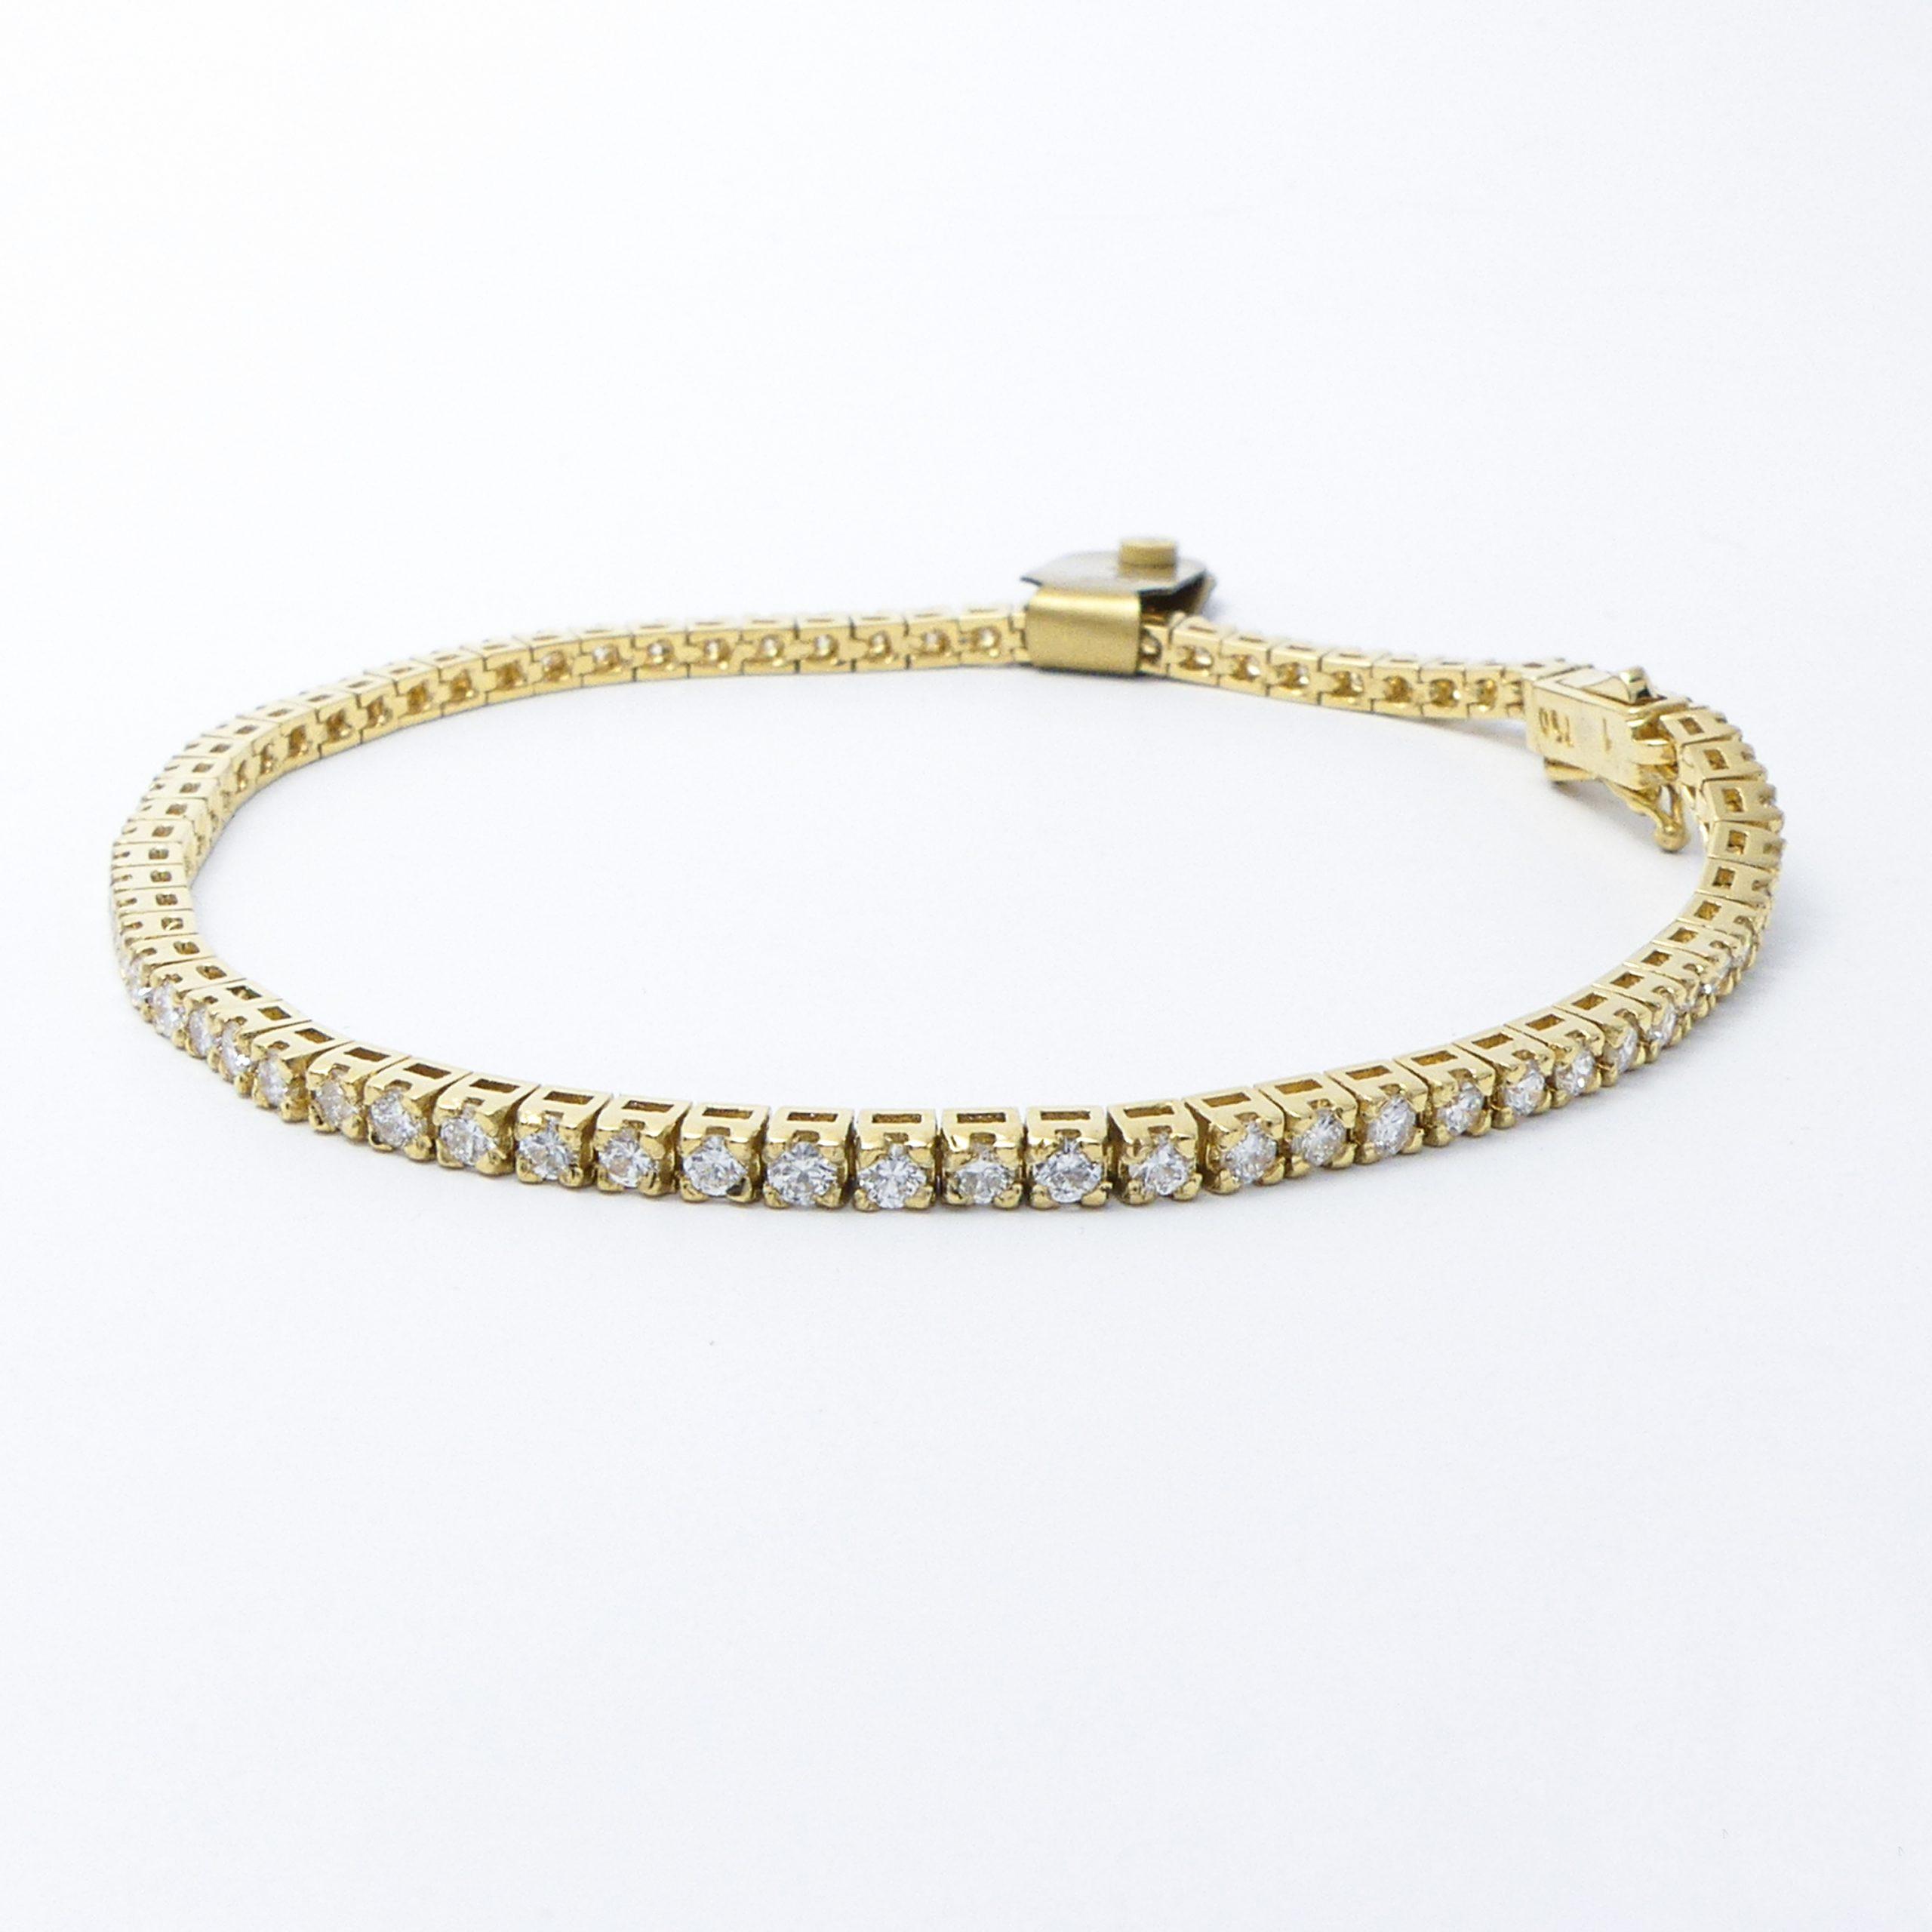 Armband Gelbgold 18k mit Brillanten 2,0 ct